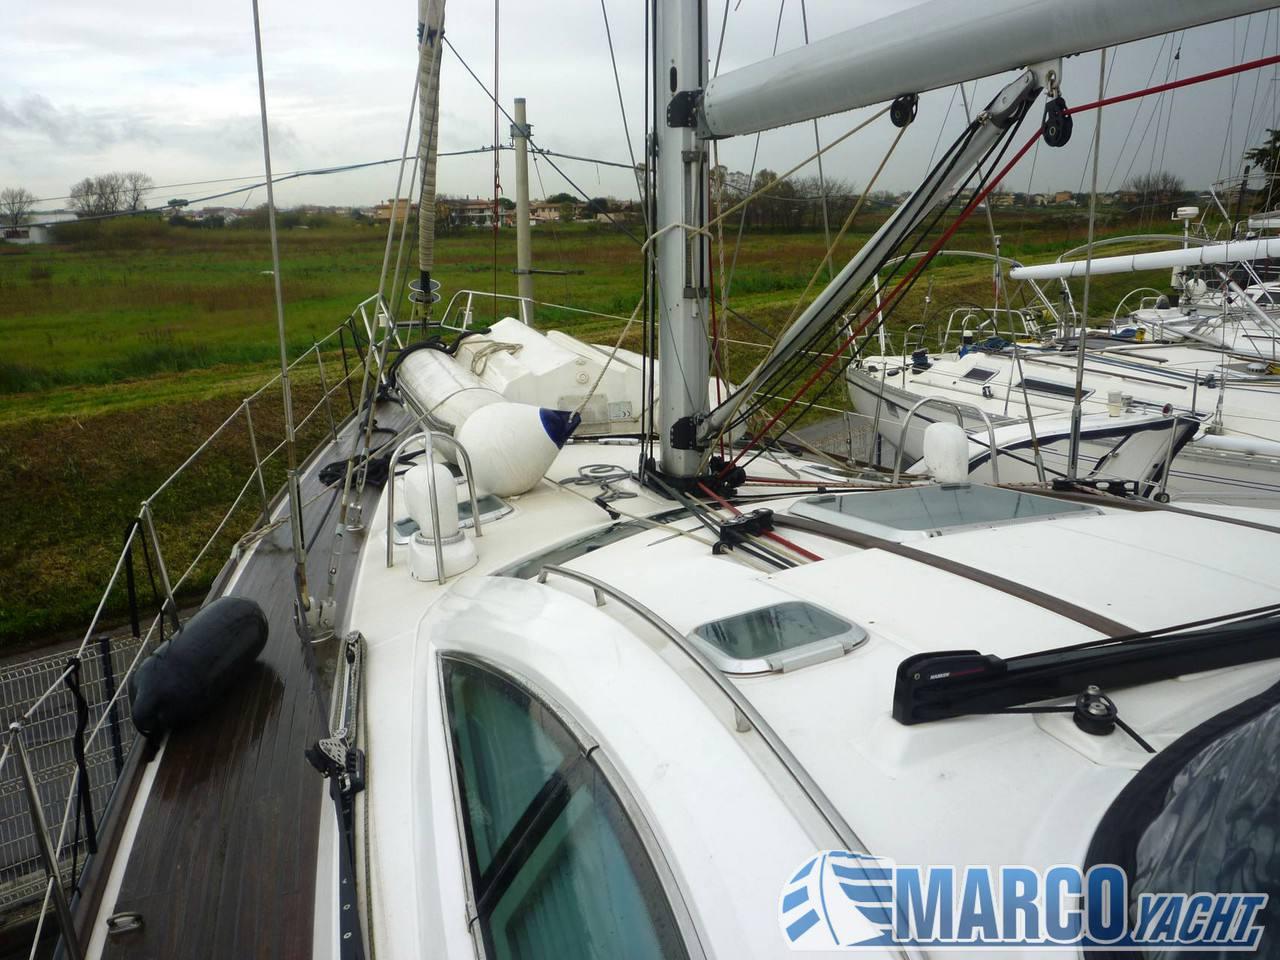 Jeanneau Sun odyssey 54 ds sailing boat